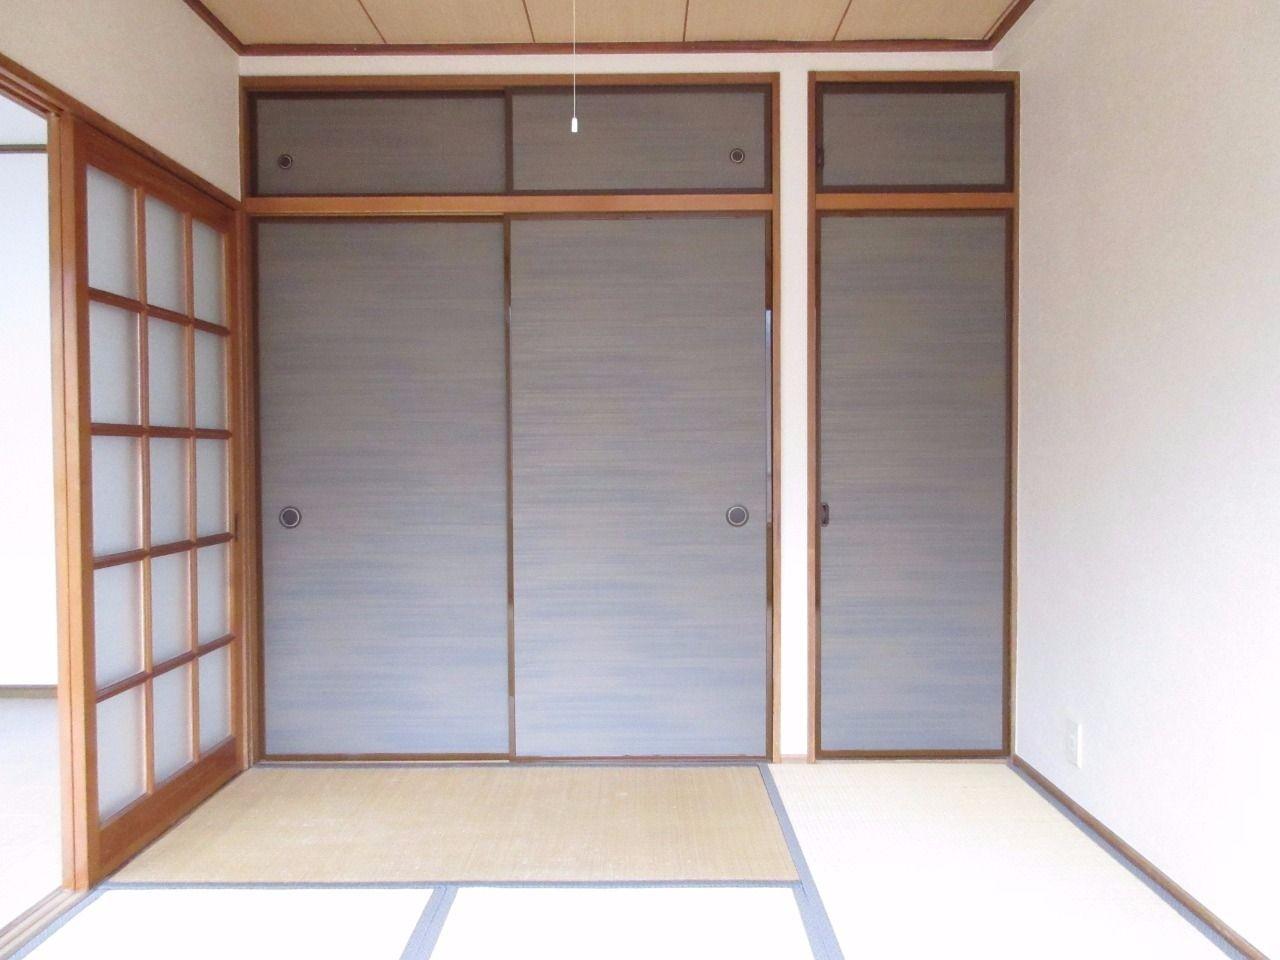 濃いブラウンの襖紙が落ち着いた和室の雰囲気とマッチしています